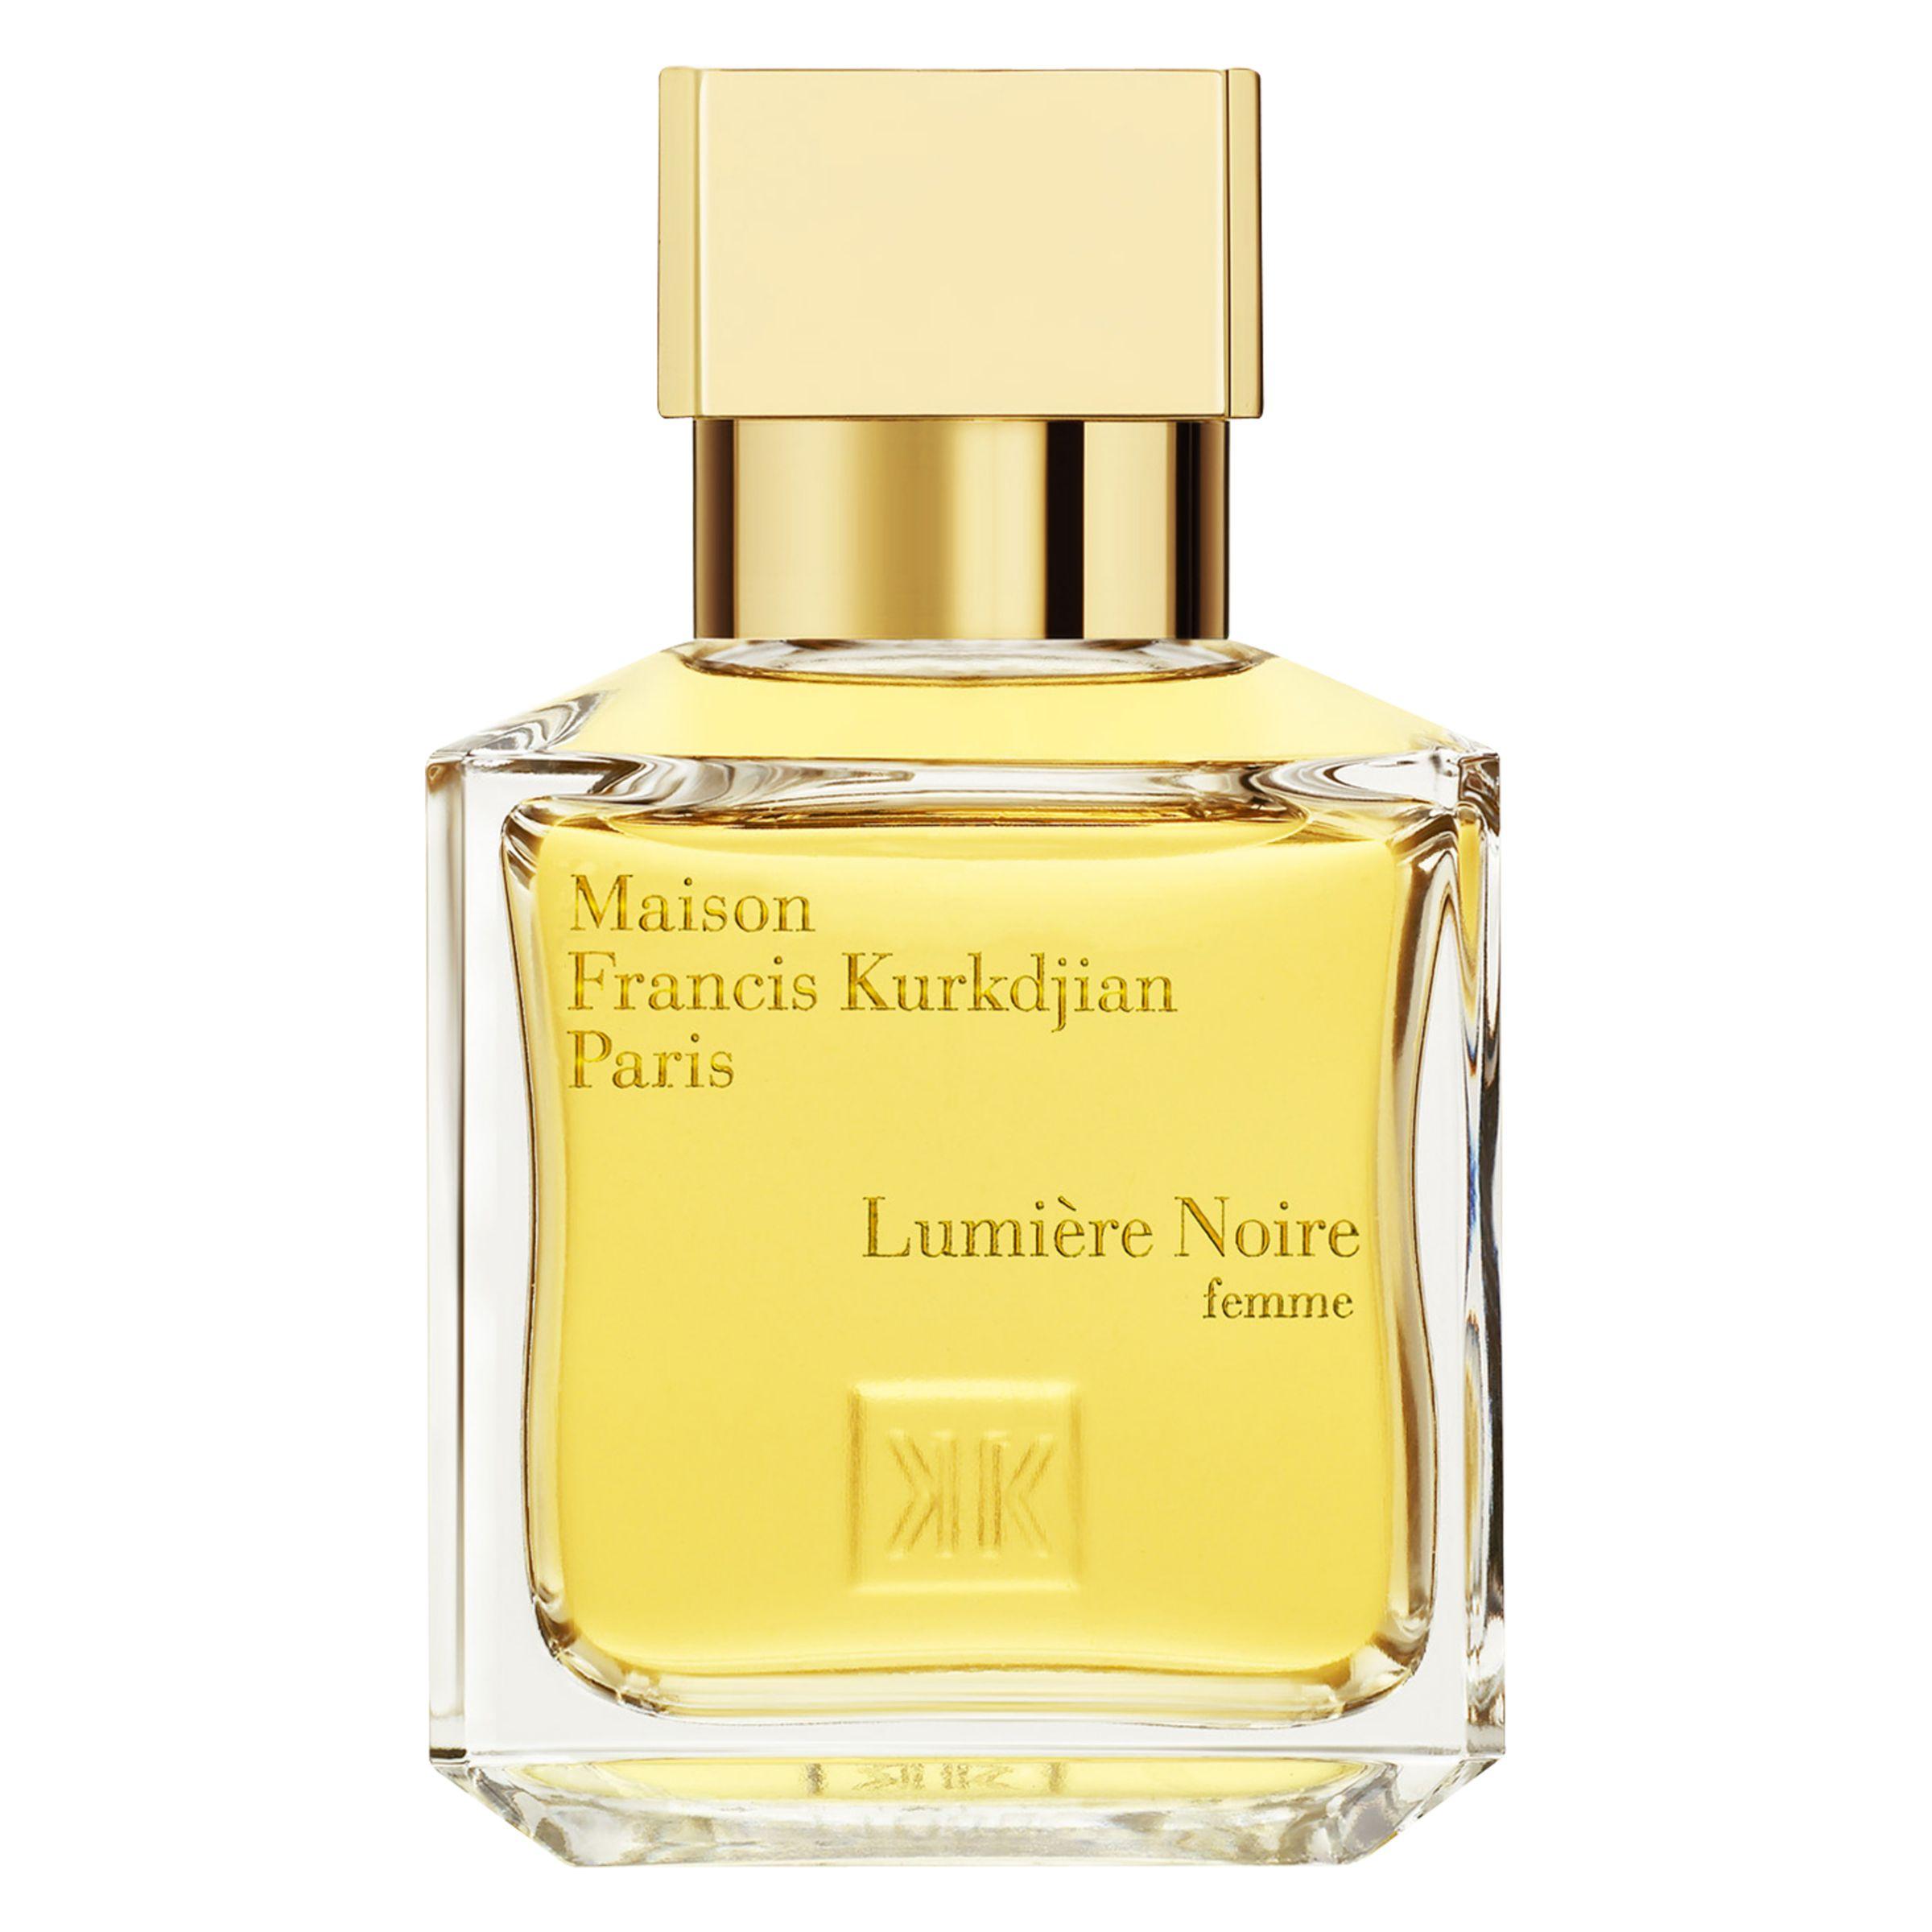 Maison Francis Kurkdjian Maison Francis Kurkdjian Lumière Noire Pour Femme Eau de Parfum, 70ml